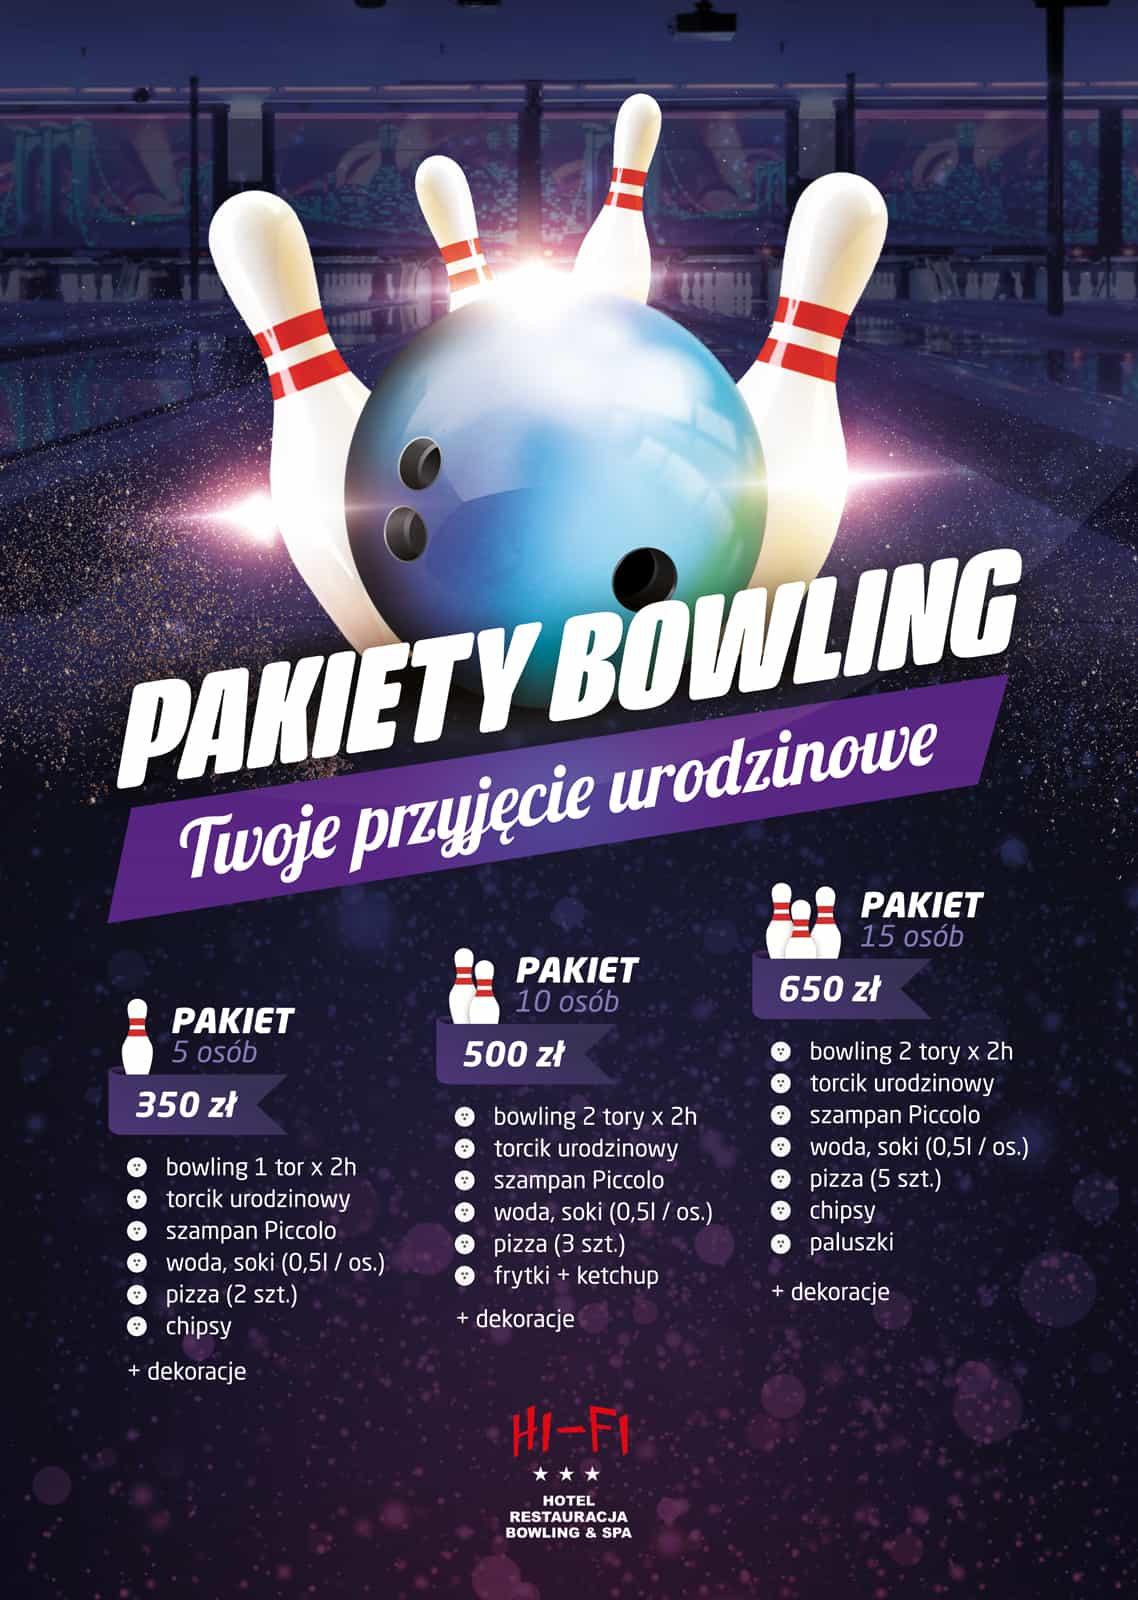 Hifi_pakiety_bowling